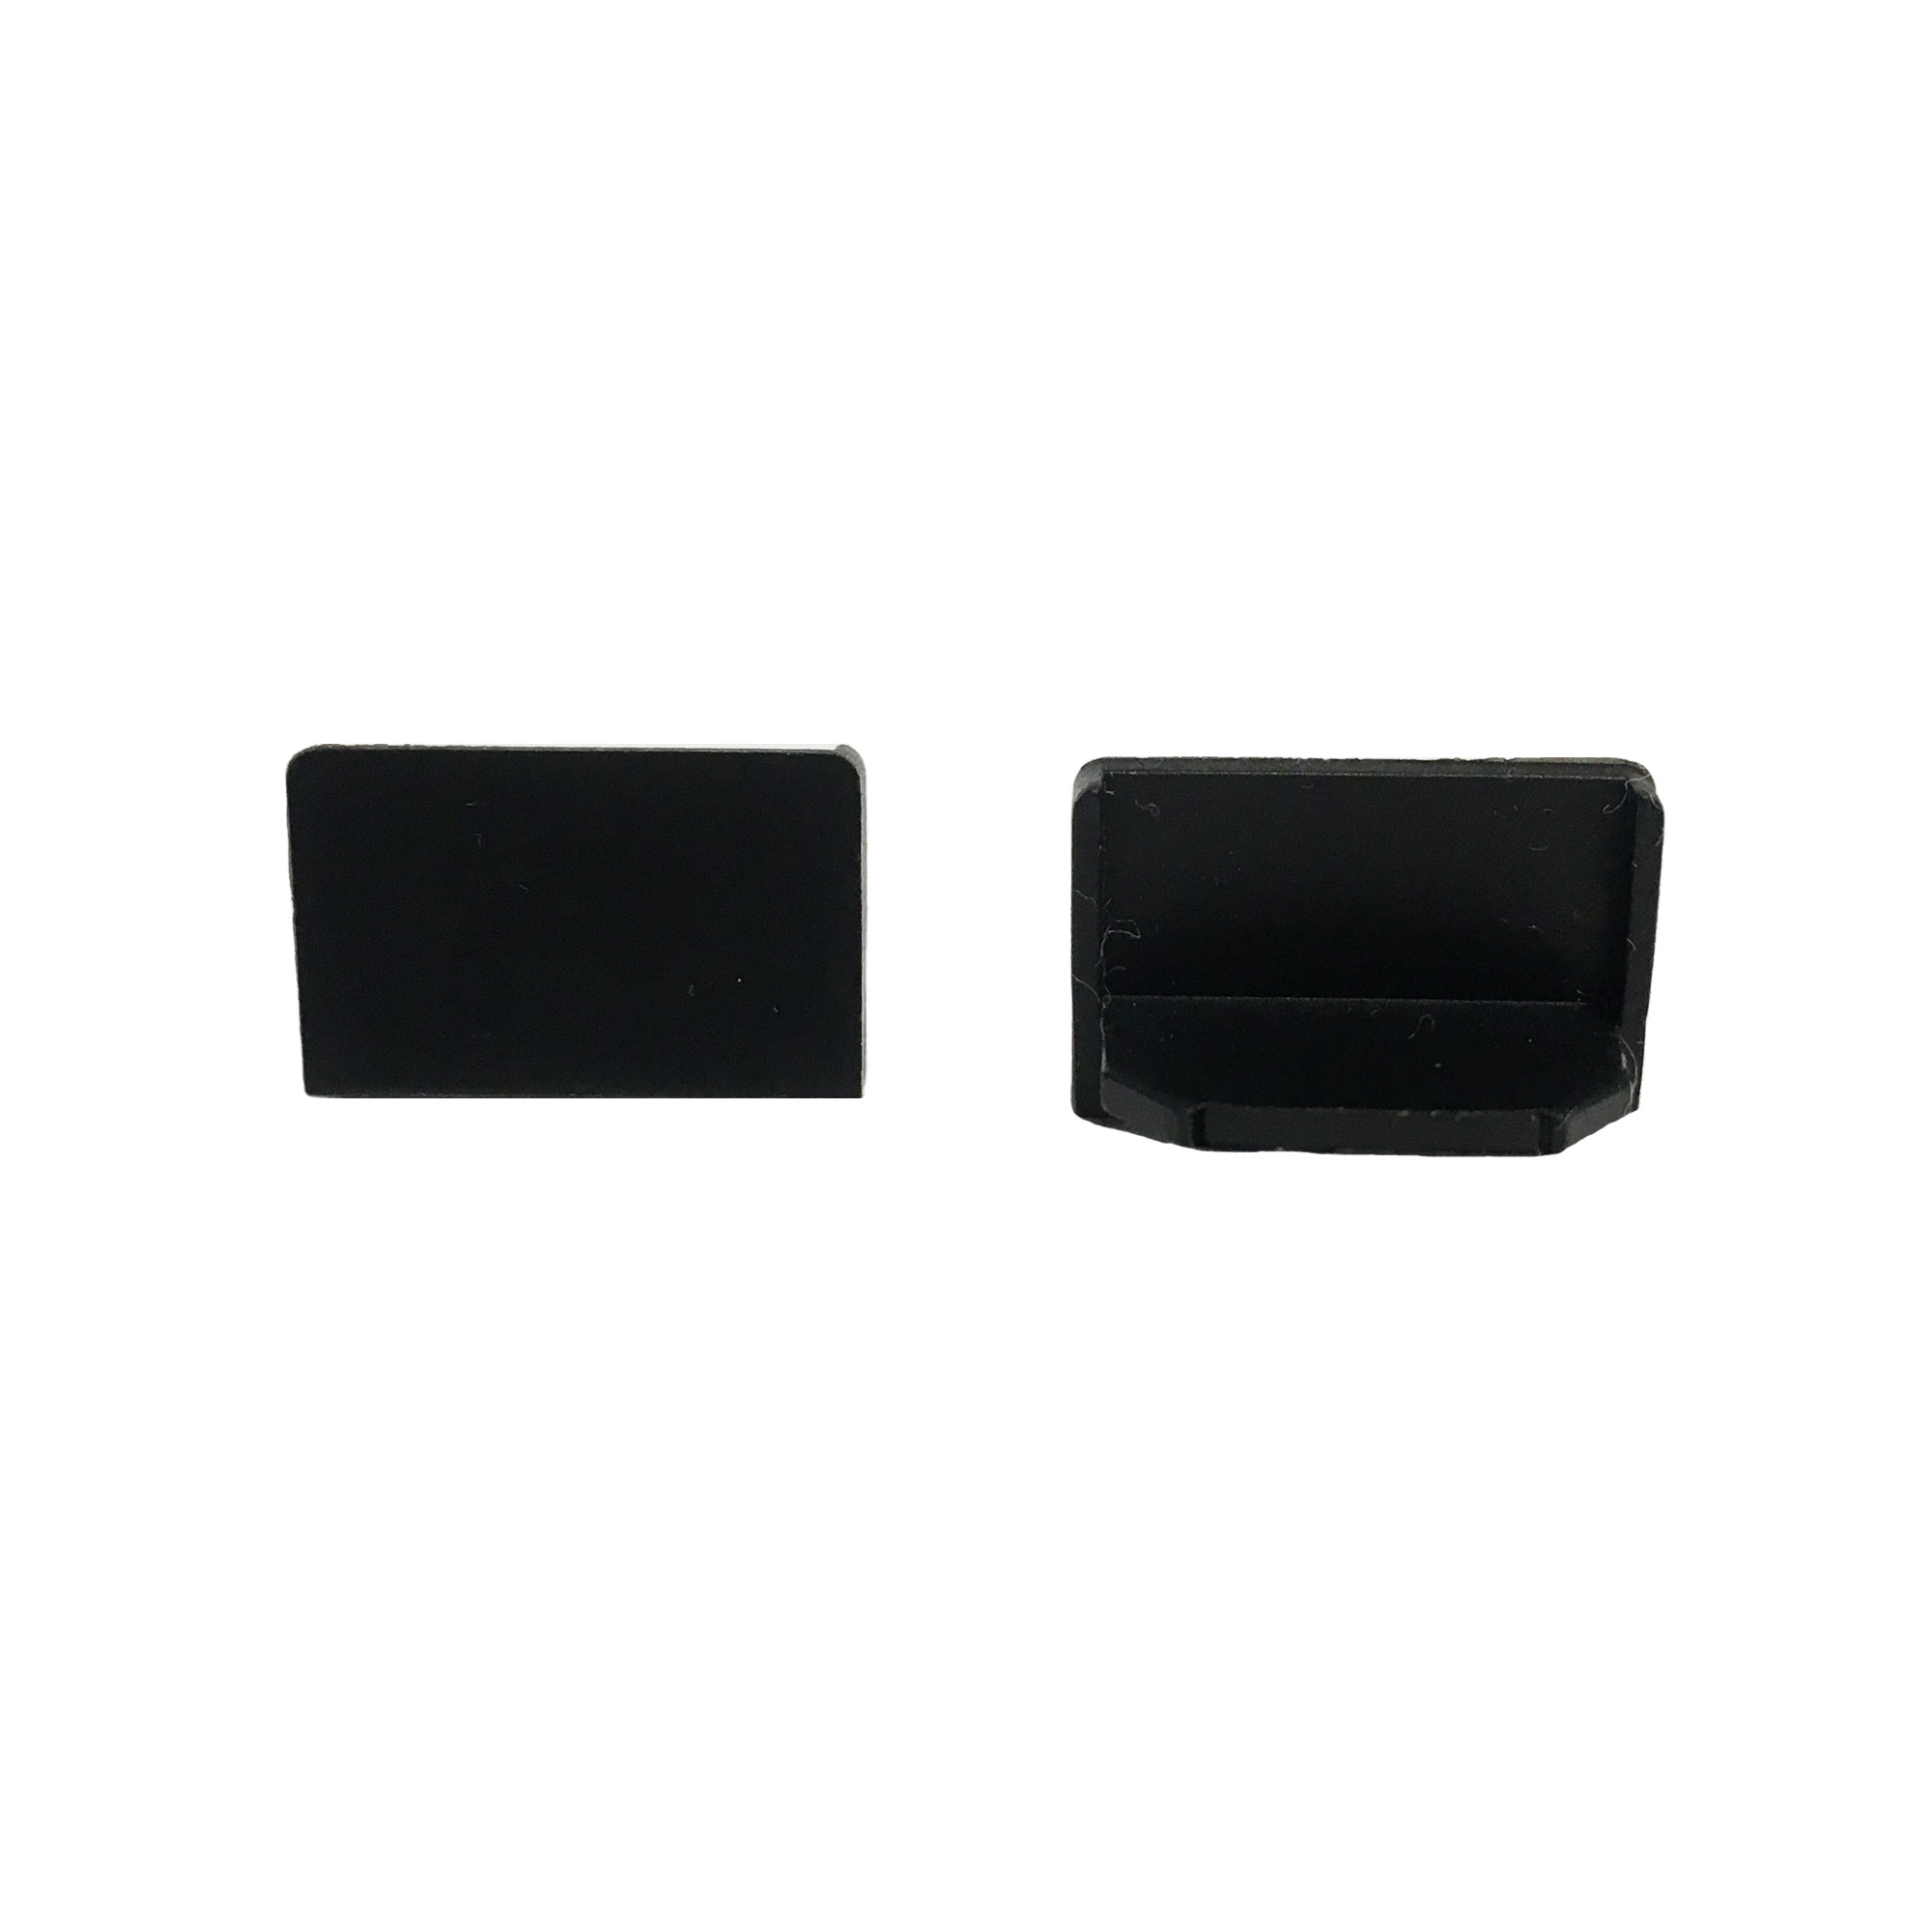 End Cap Snap Channel Airelight ES 0.5 (Black)